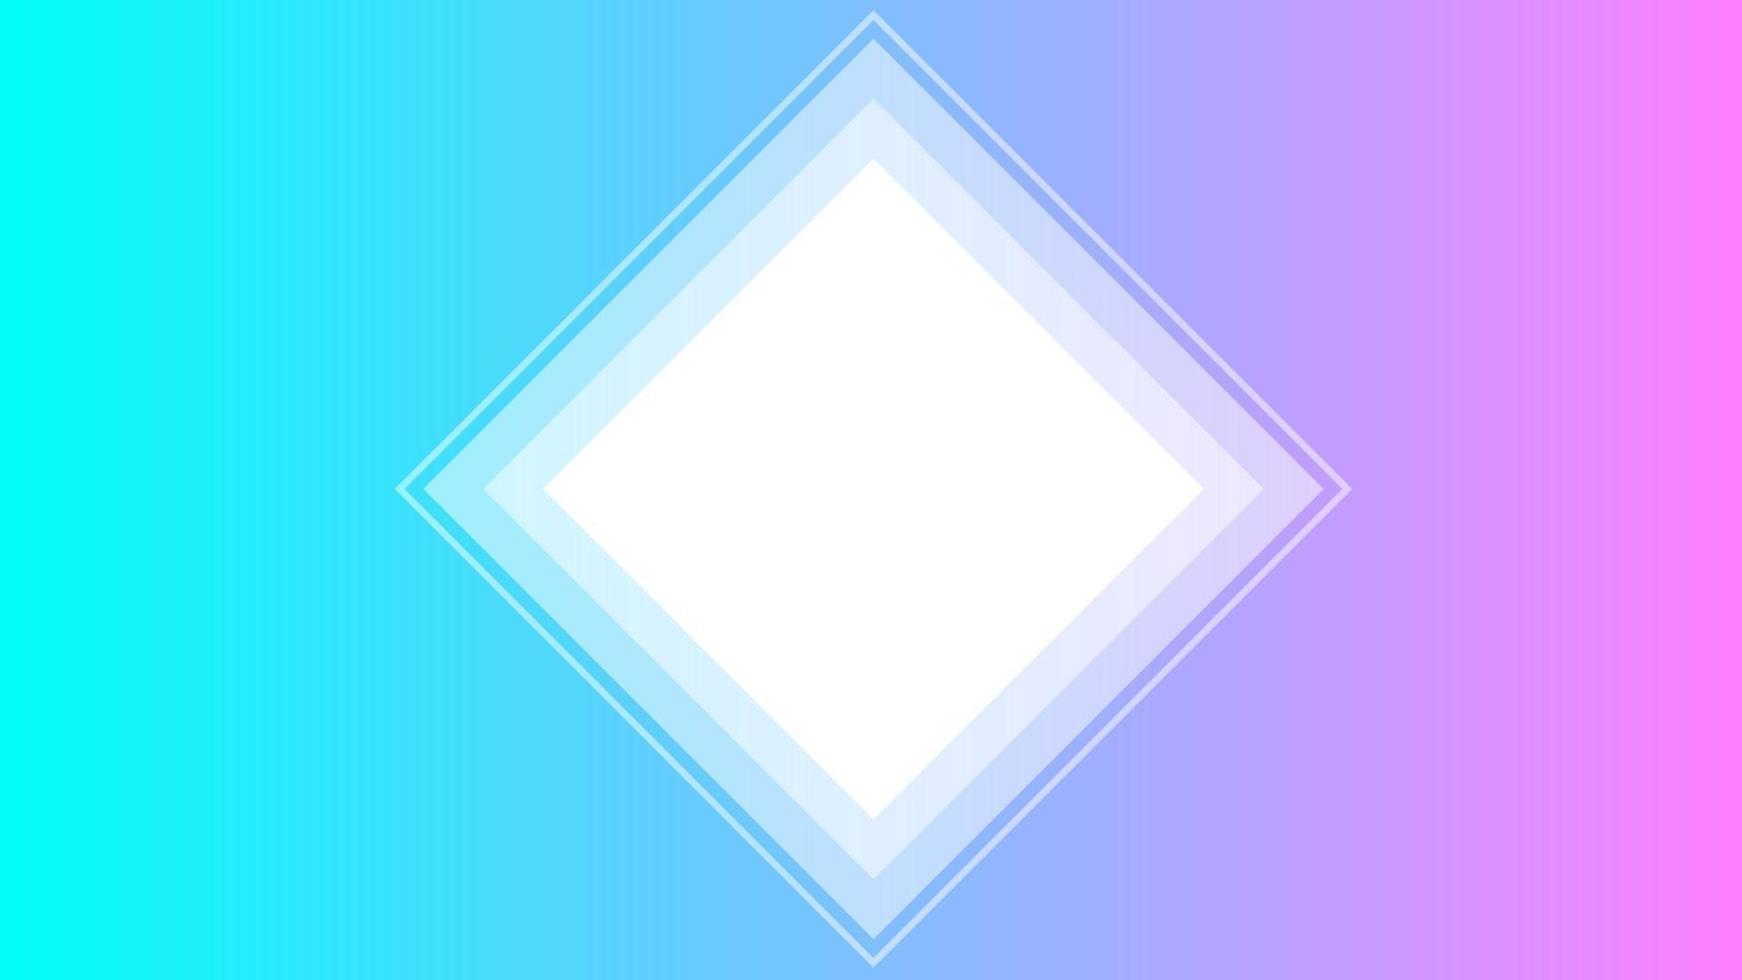 fond de couleur pastel avec polygone blanc vecteur